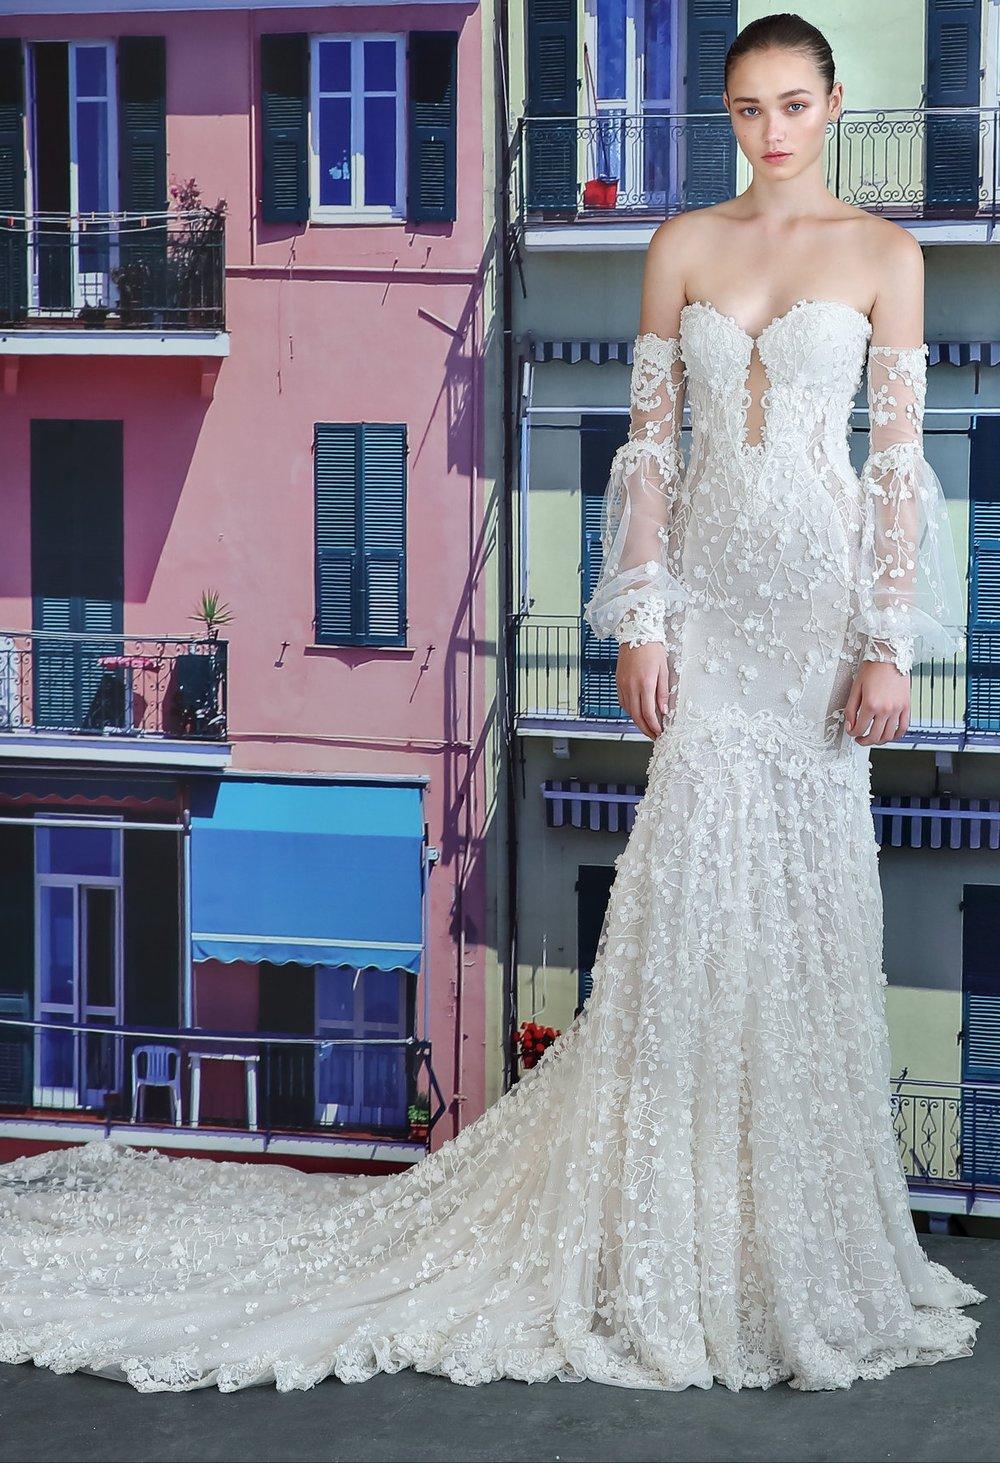 LOOK 7 - Camilla Front.jpg